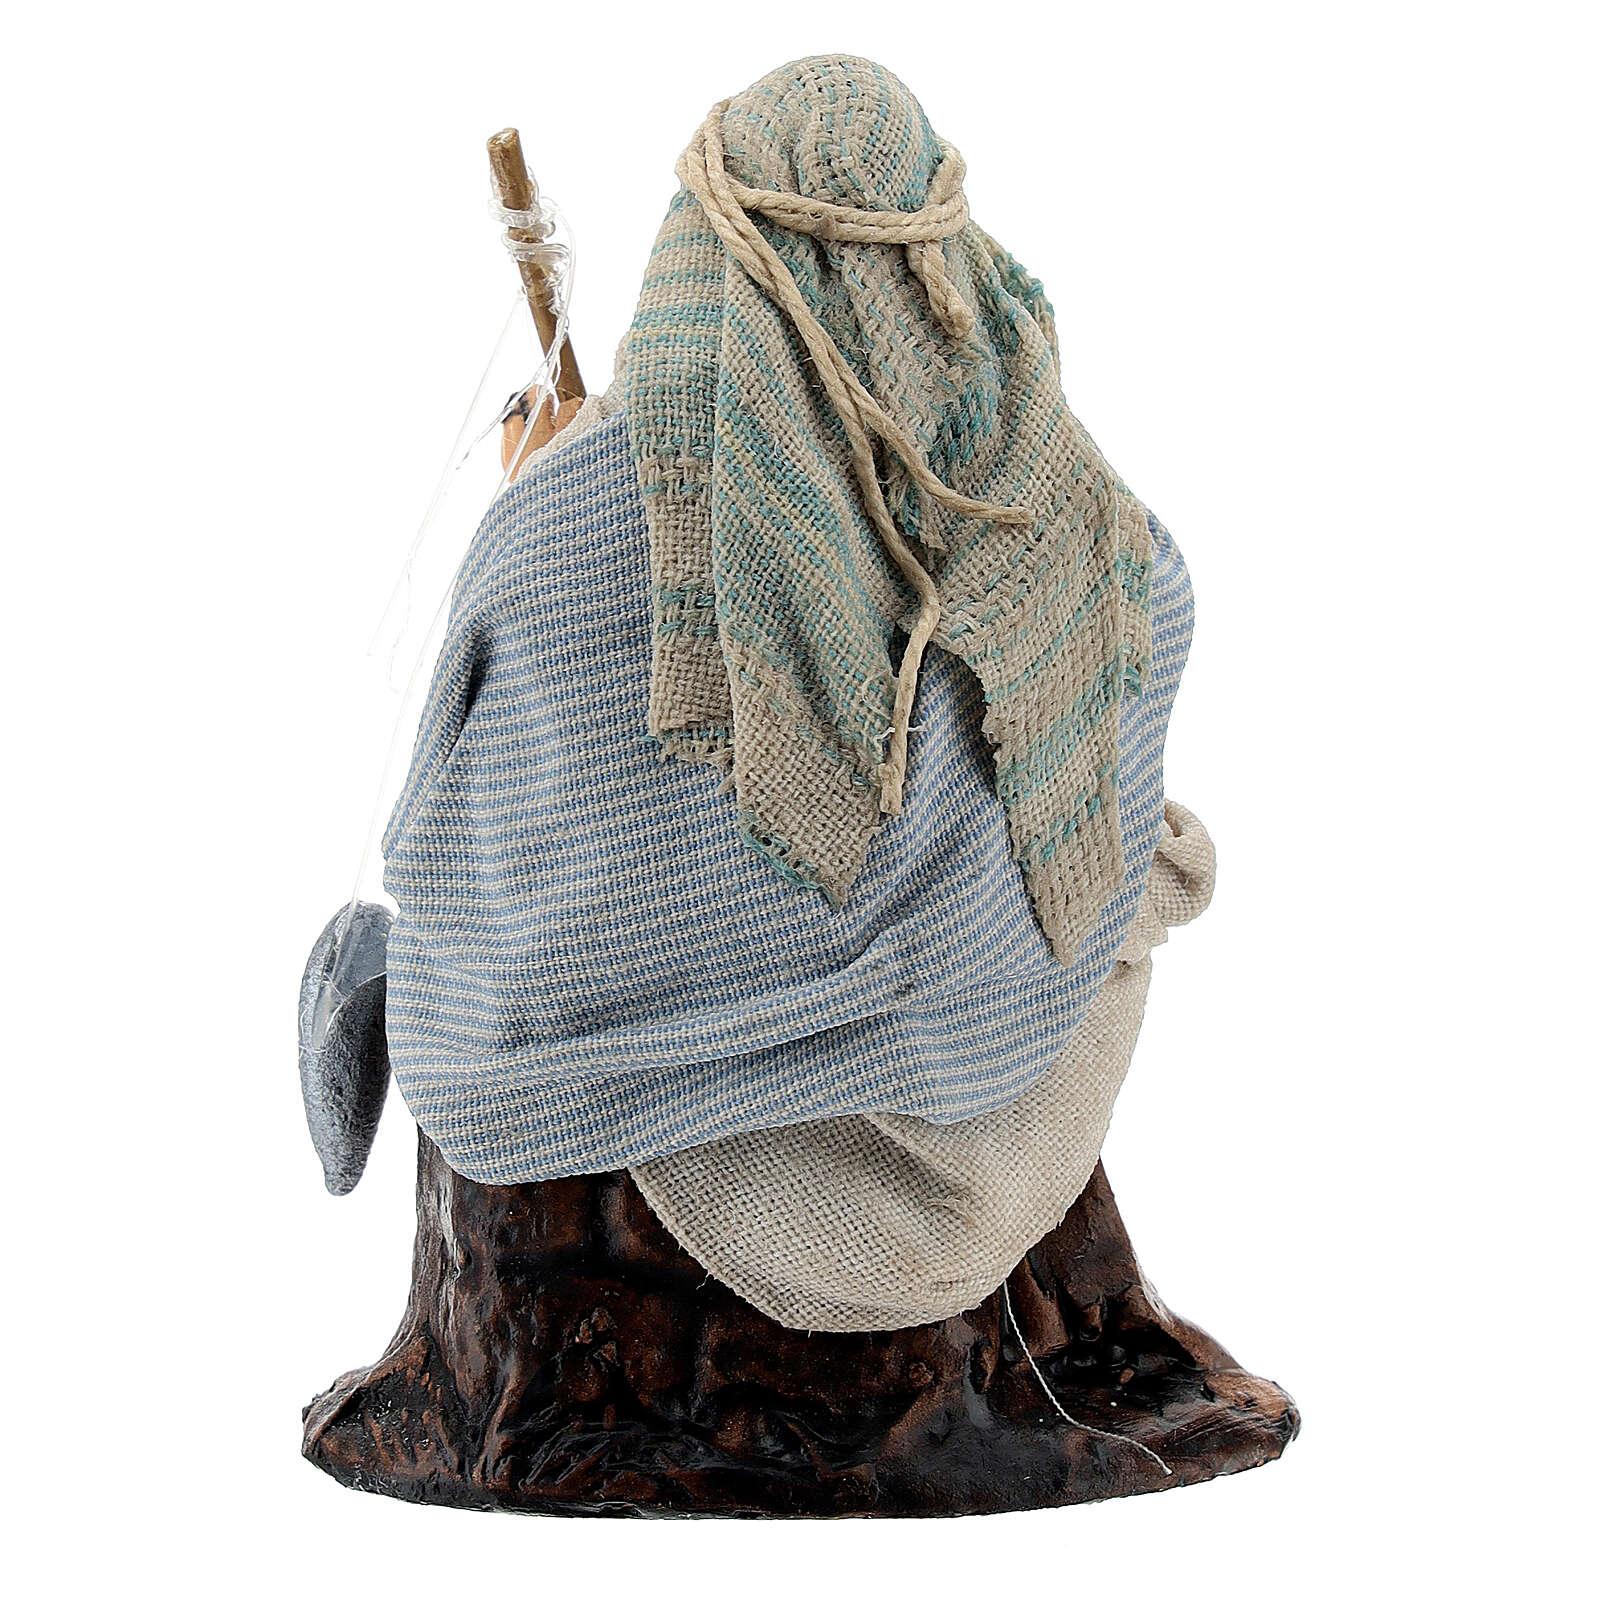 Pescatore arabo canna pesca 8 cm terracotta presepe napoletano 4